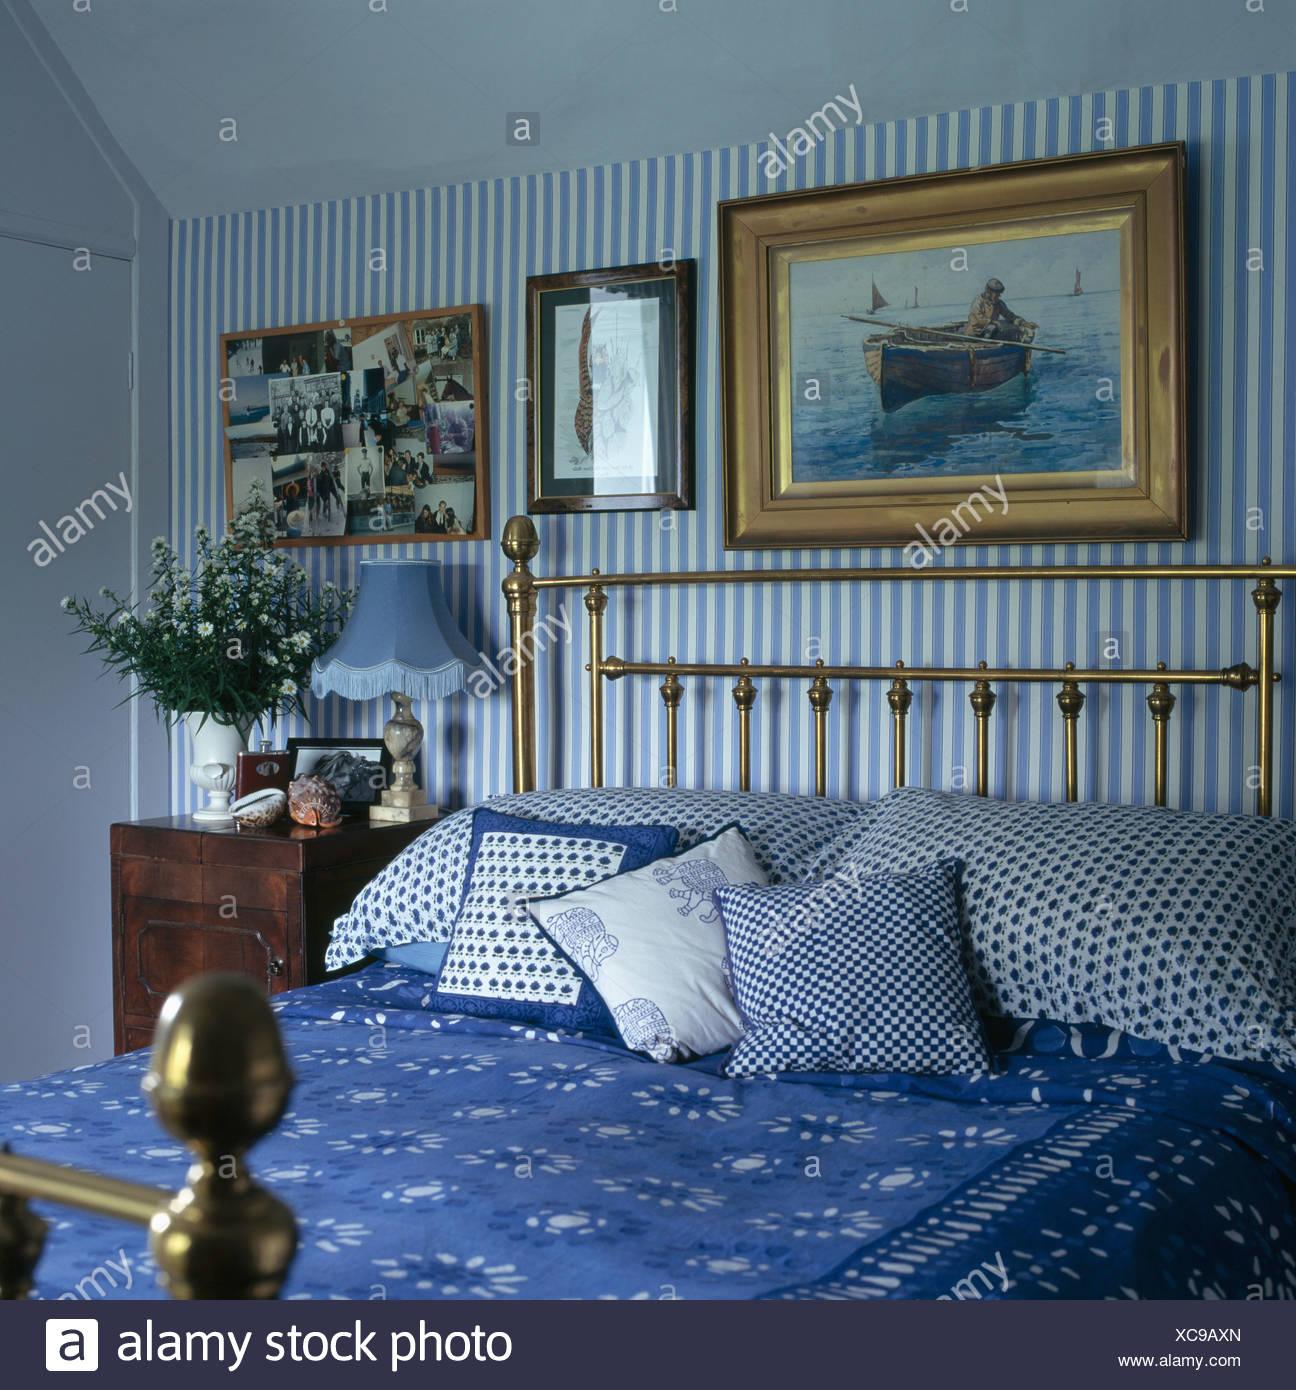 Relativ Bilder über Messingbett mit blauen + weiße Kissen und Bettdecke im PB78